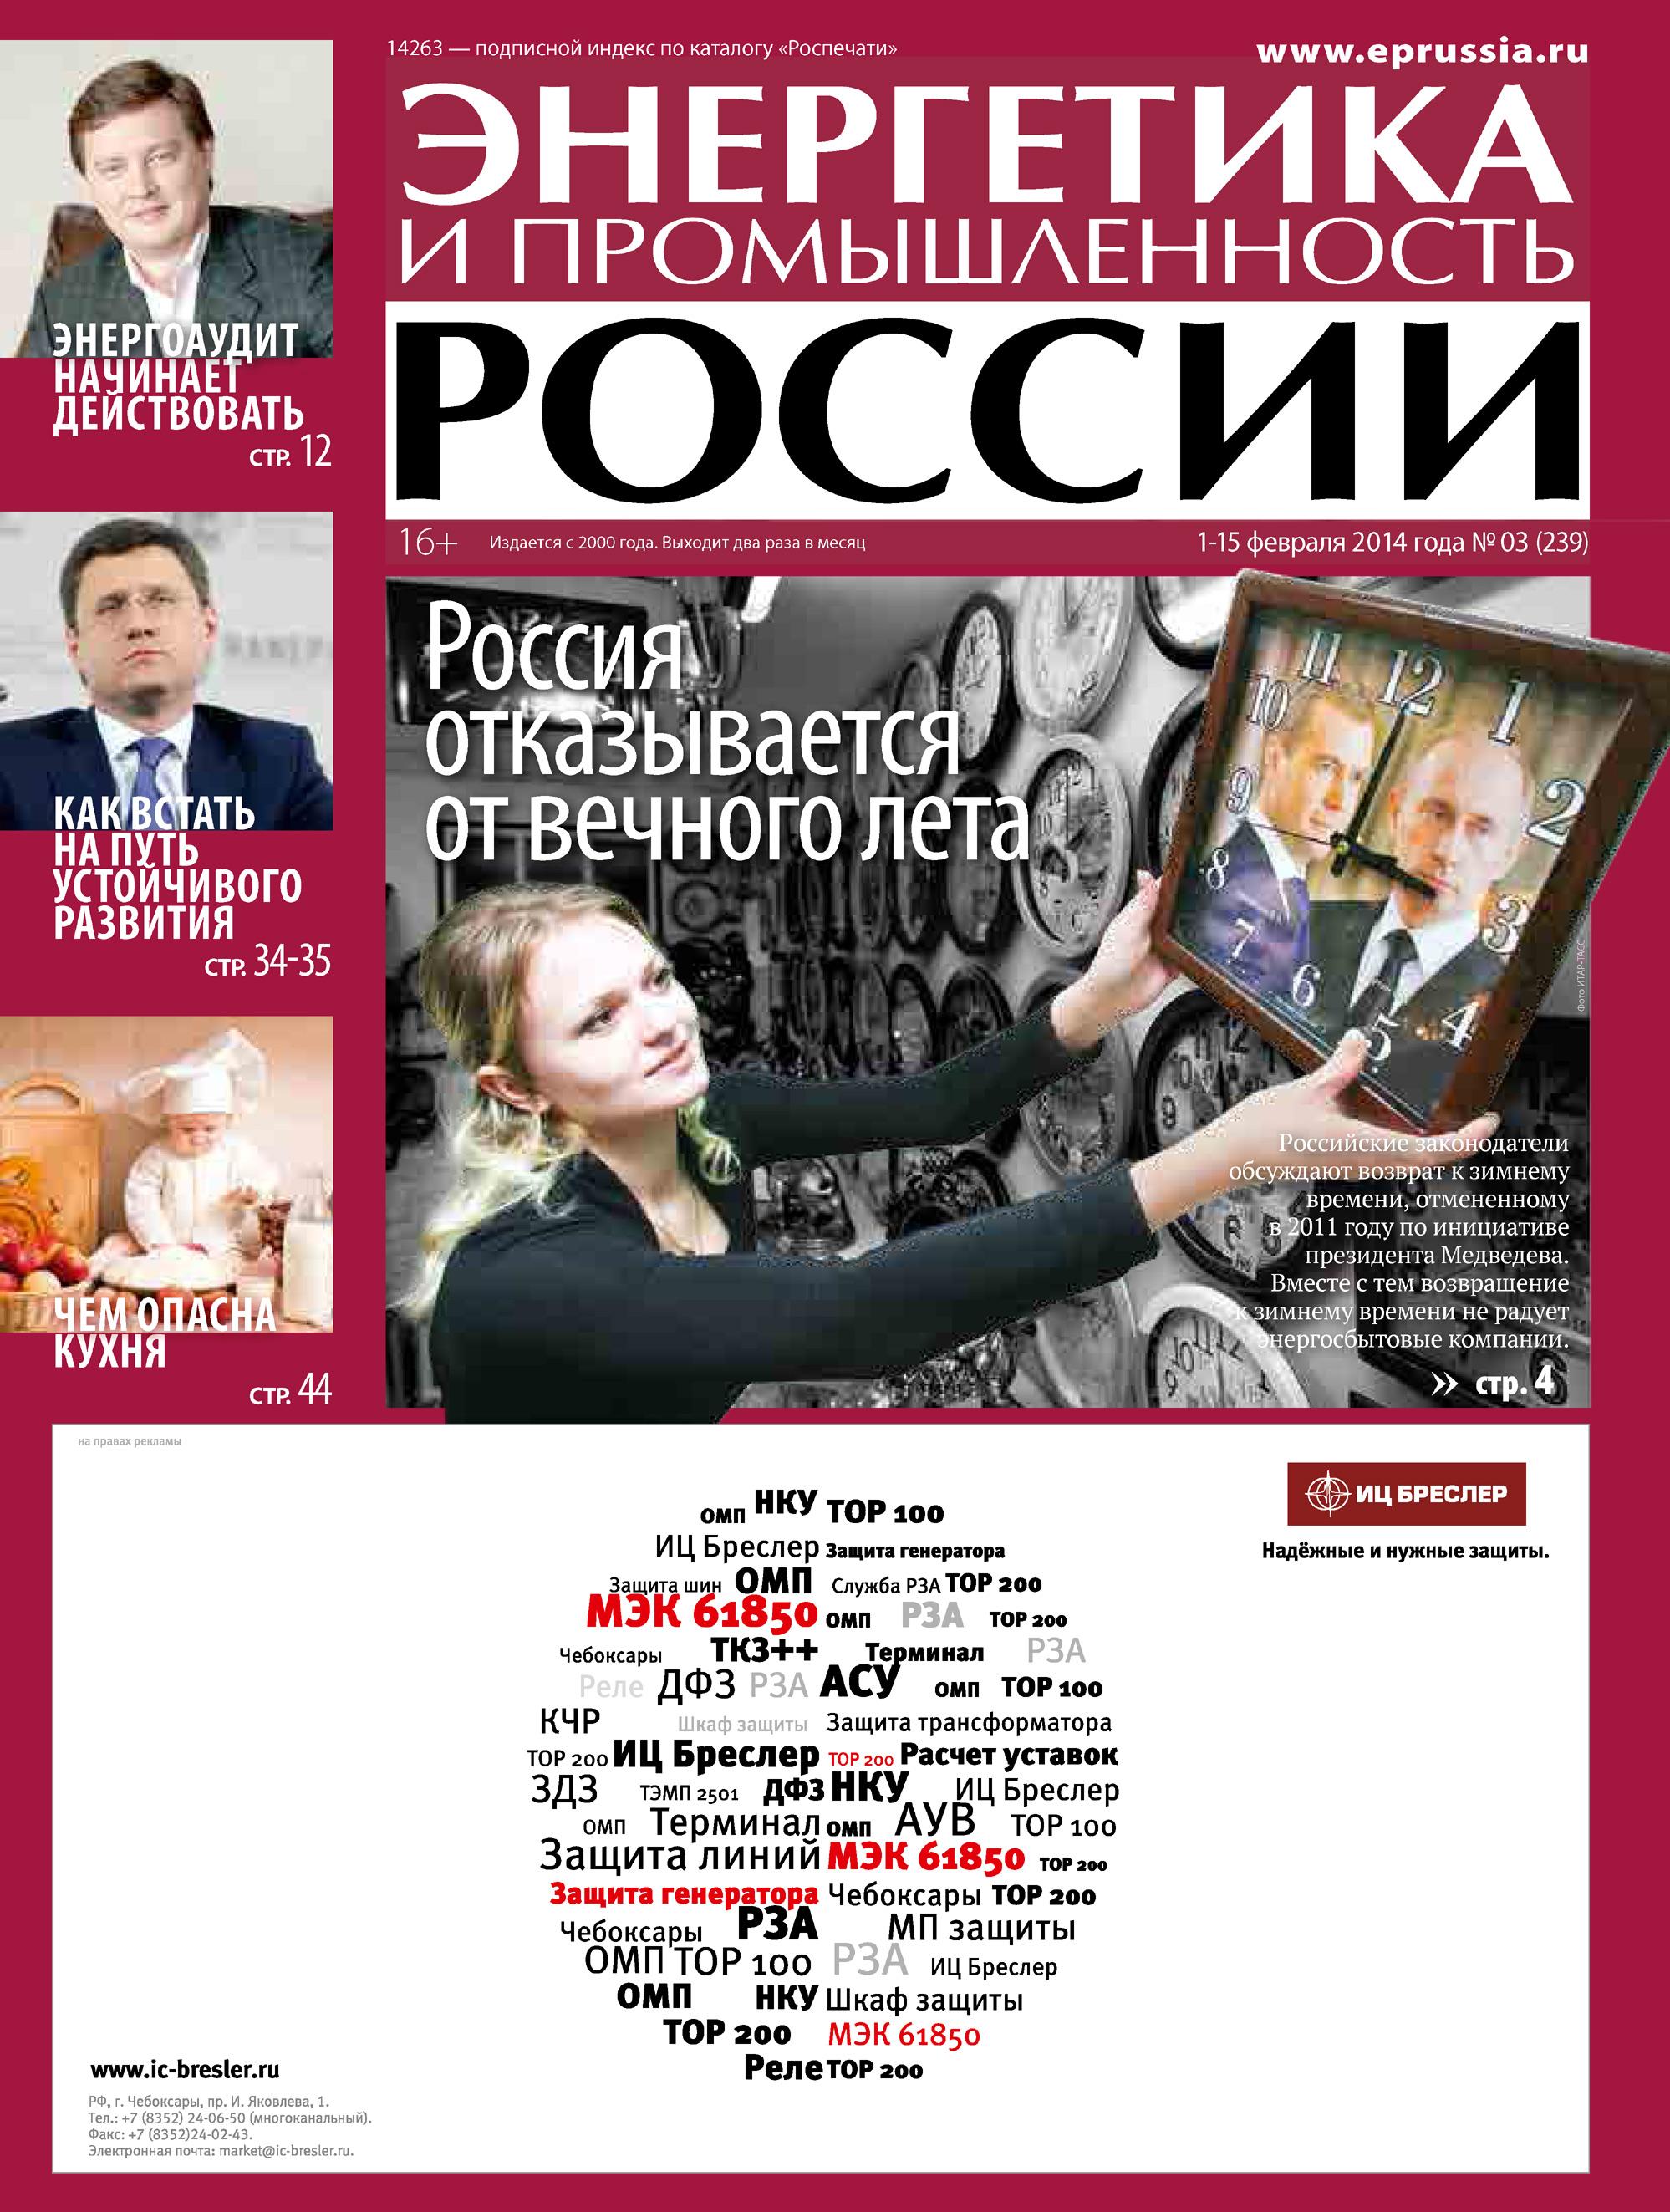 Энергетика и промышленность России №3 2014